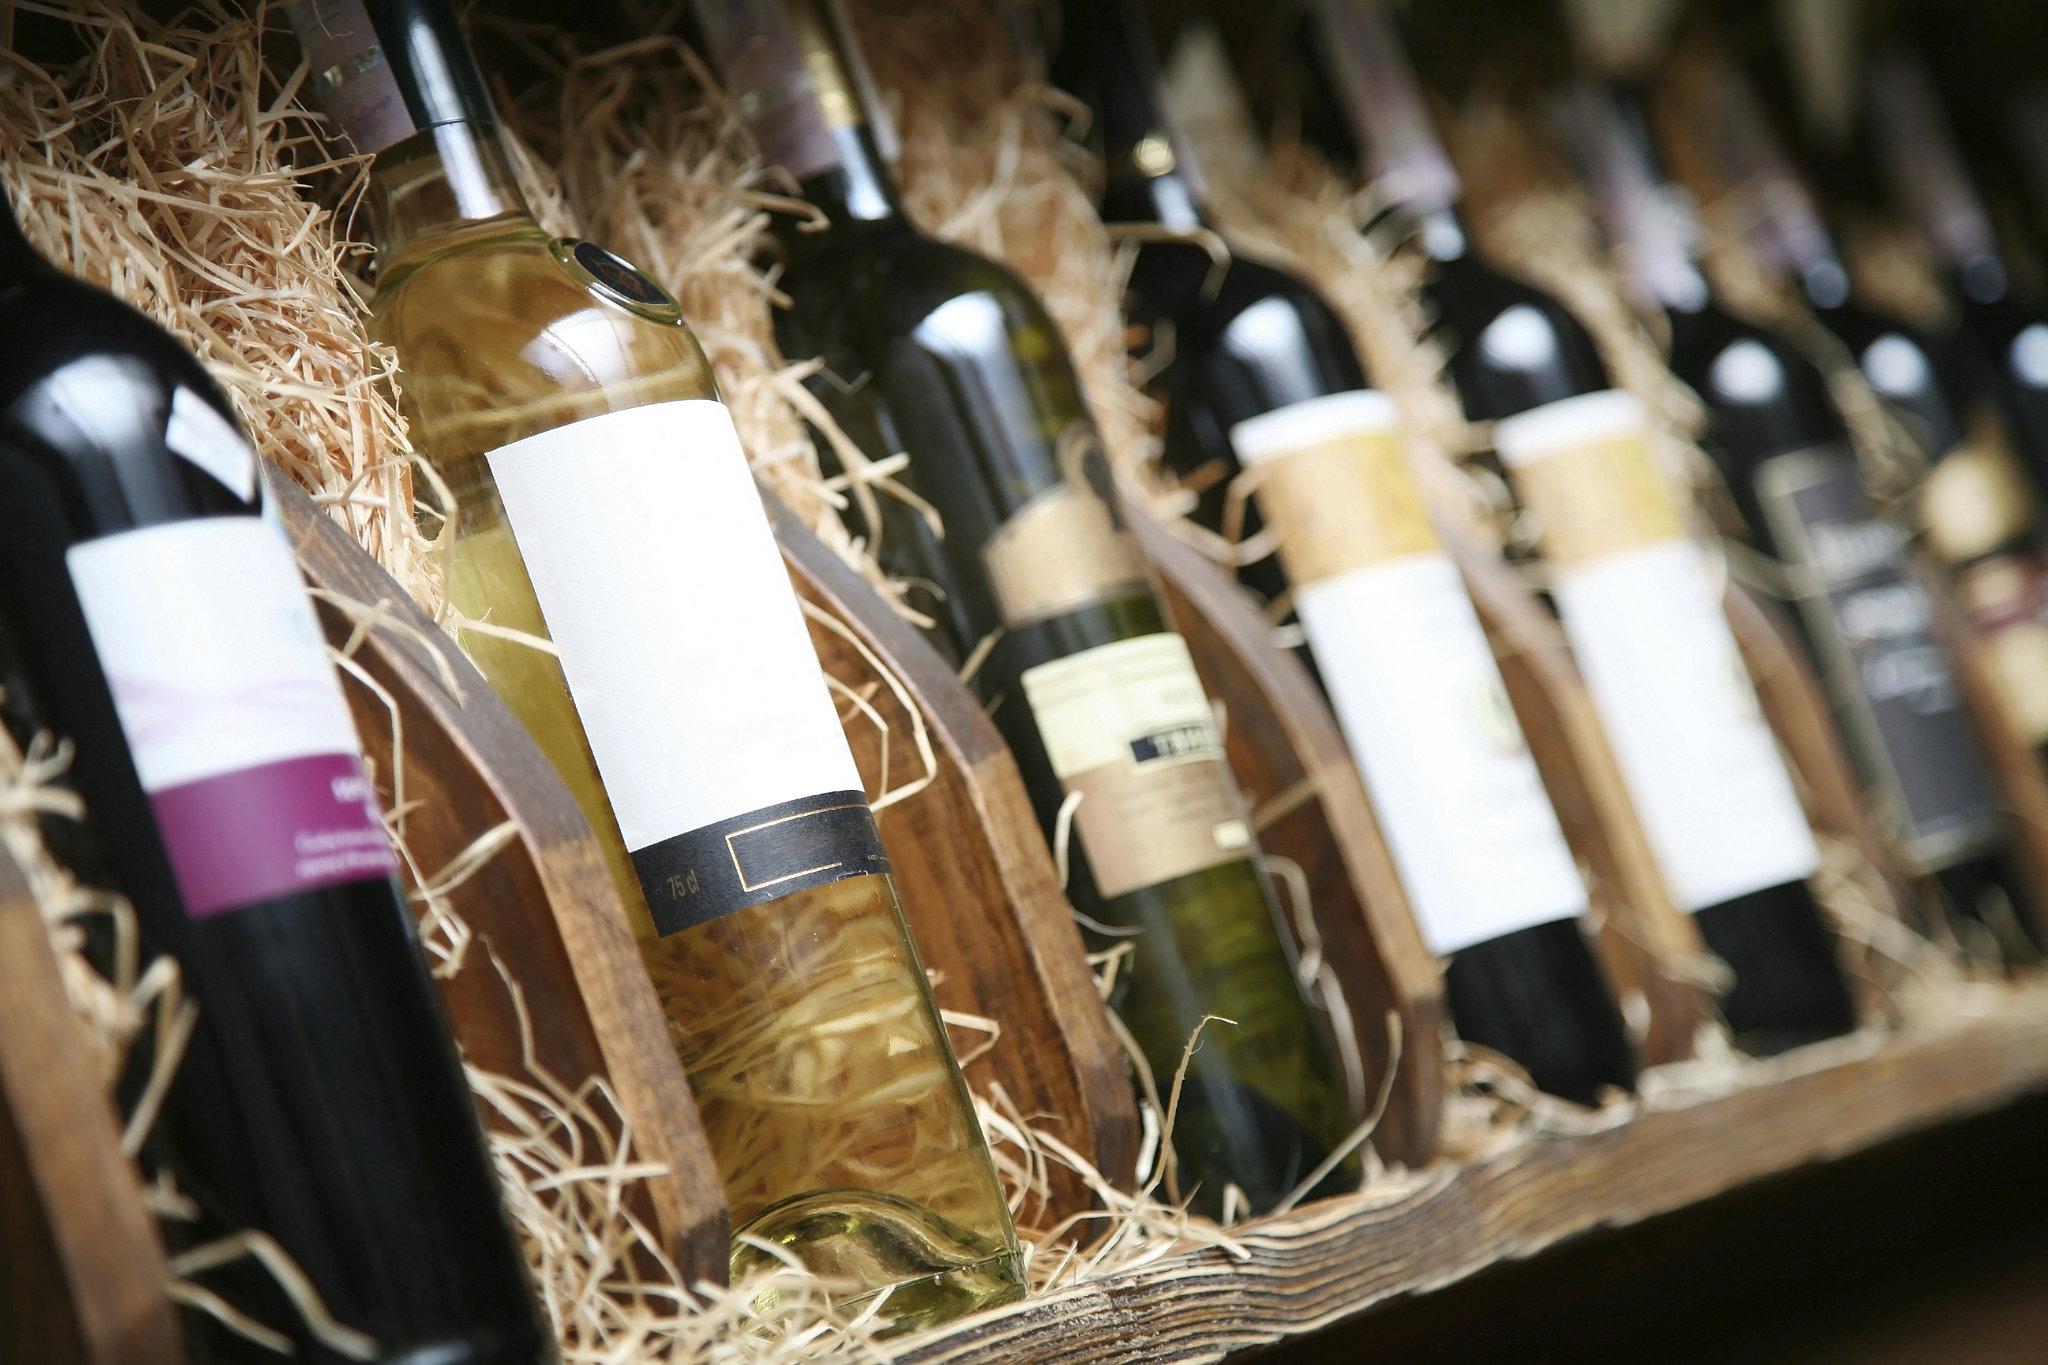 il vino vegano - perchè?